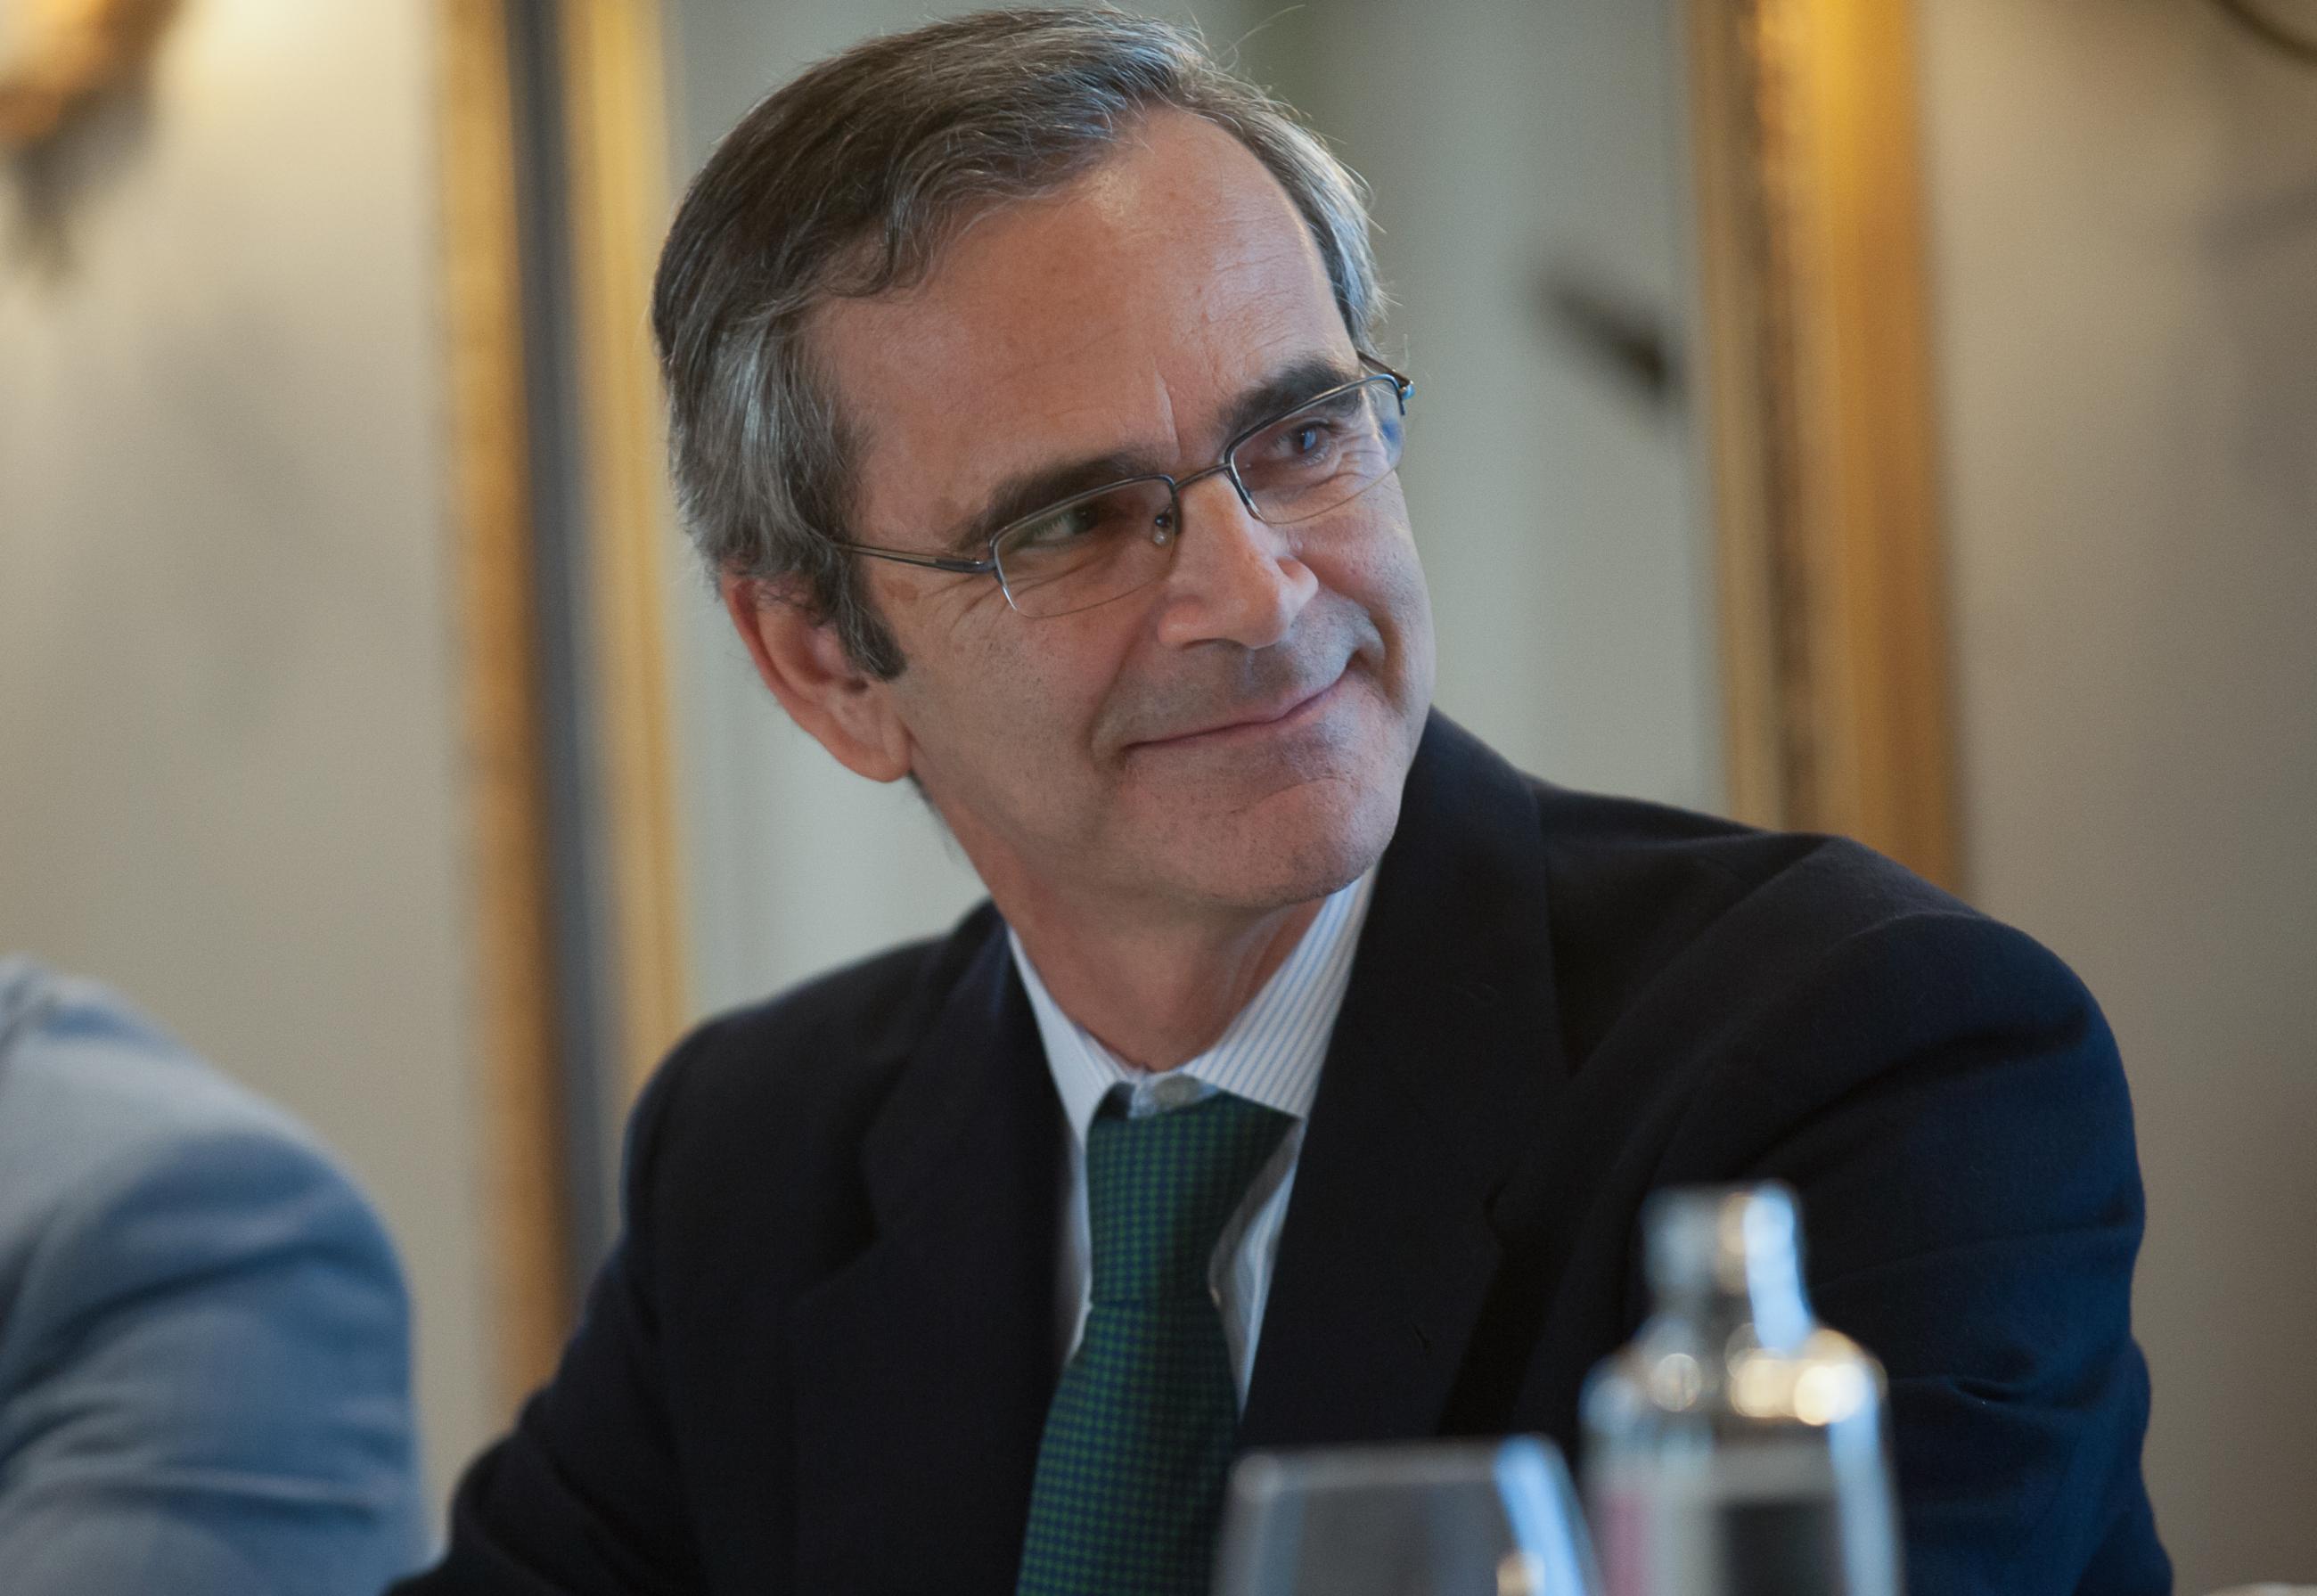 Ernesto Cervilla proseguirá como presidente del Colegio de Farmacéuticos de Cádiz los próximos cuatro años